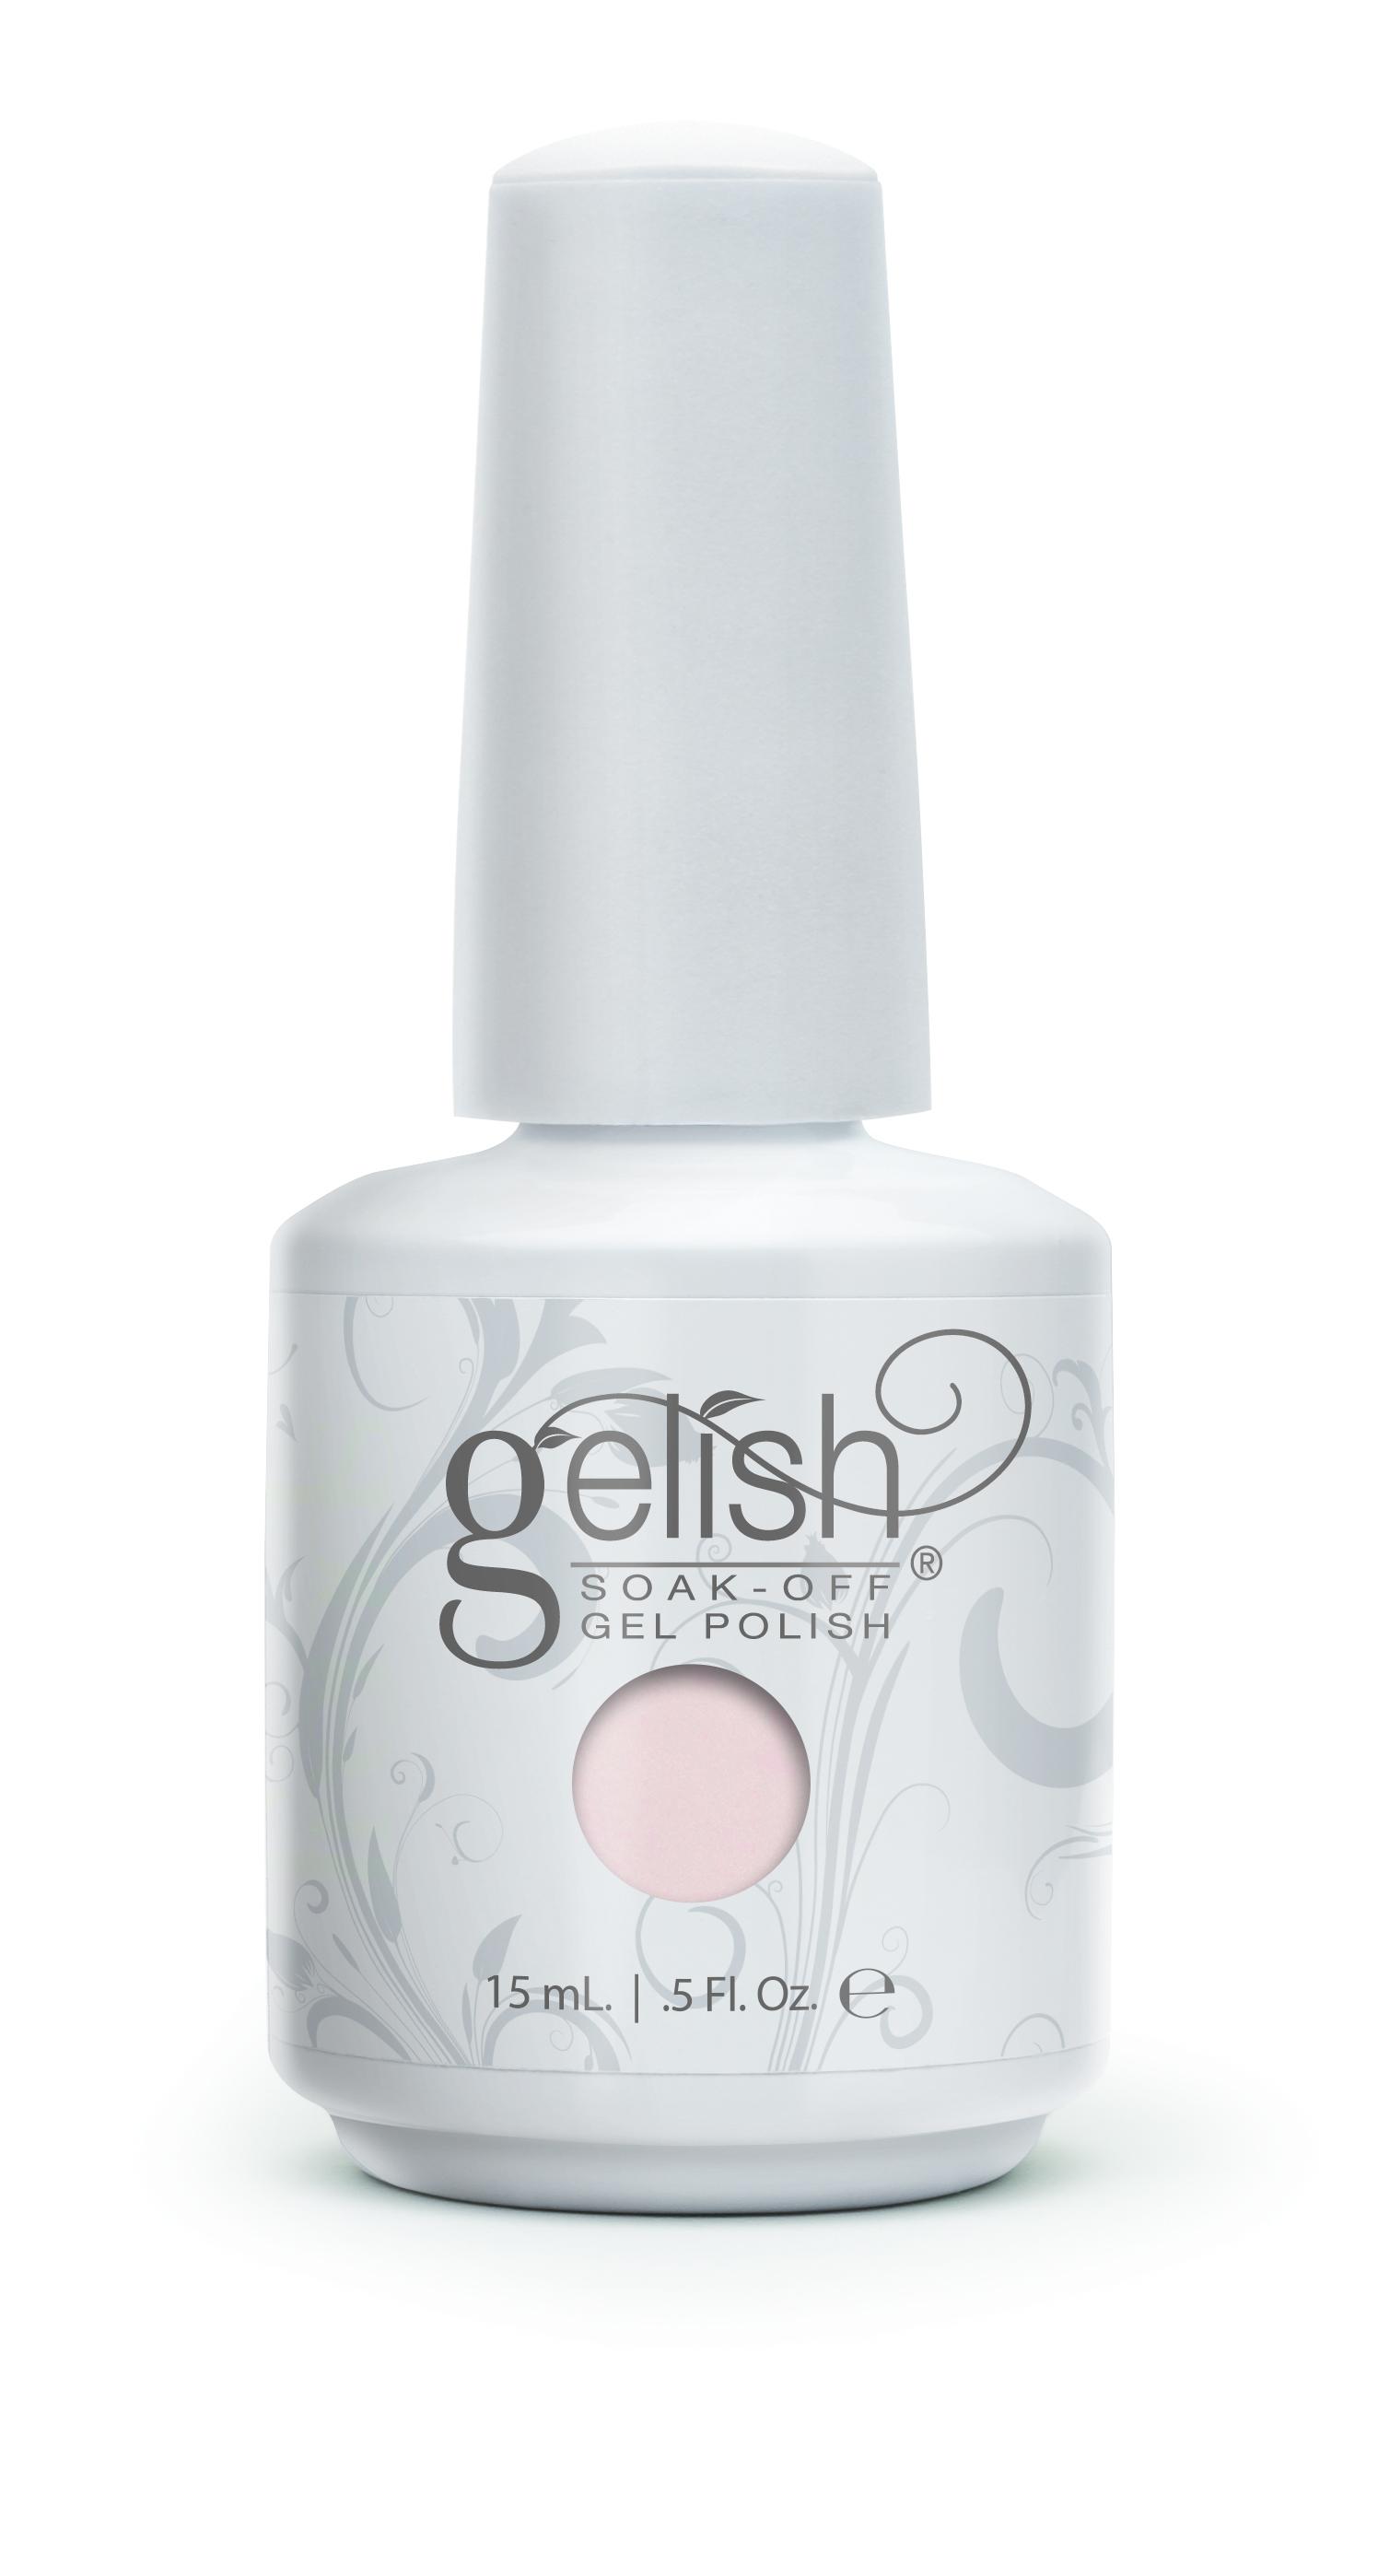 GELISH Гель-лак Tan My Hide / GELISH 15млГель-лаки<br>Гель-лак Gelish наносится на ноготь как лак, с помощью кисточки под колпачком. Процедура нанесения схожа с&amp;nbsp;нанесением обычного цветного покрытия. Все гель-лаки Harmony Gelish выполняют функцию еще и укрепляющего геля, делая ногти более прочными и длинными. Ногти клиента находятся под защитой гель-лака, они не ломаются и не расслаиваются. Гель-лаки Gelish после сушки в LED или УФ лампах держатся на натуральных ногтях рук до 3 недель, а на ногтях ног до 5 недель. Способ применения: Подготовительный этап. Для начала нужно сделать маникюр. В зависимости от ваших предпочтений это может быть европейский, классический обрезной, СПА или аппаратный маникюр. Главное, сдвинуть кутикулу с ногтевого ложа и удалить ороговевшие участки кожи вокруг ногтей. Особенностью этой системы является то, что перед нанесением базового слоя необходимо обработать ноготь шлифовочным бафом Harmony Buffer 100/180 грит, для того, чтобы снять глянец. Это поможет улучшить сцепку покрытия с ногтем. Пыль, которая осталась после опила, излишки жира и влаги удаляются с помощью обезжиривателя Бондер / GELISH pH Bond 15&amp;nbsp;мл или любого другого дегитратора. Нанесение искусственного покрытия Harmony.&amp;nbsp; После того, как подготовительные процедуры завершены, можно приступать непосредственно к нанесению искусственного покрытия Harmony Gelish. Как и все гелевые лаки, продукцию этого бренда необходимо полимеризовать в лампе. Гель-лаки Gelish сохнут (полимеризуются) под LED или УФ лампой. Время полимеризации: В LED лампе 18G/6G = 30 секунд В LED лампе Gelish Mini Pro = 45 секунд В УФ лампах 36 Вт = 120 секунд В УФ лампе Harmony Mini Portable UV Light = 180 секунд ПРИМЕЧАНИЕ: подвергать полимеризации необходимо каждый слой гель-лакового покрытия! 1)Первым наносится тонкий слой базового покрытия Gelish Foundation Soak Off Base Gel 15 мл. 2)Следующий шаг   нанесение цветного гель-лака Harmony Gelish.&amp;nbsp; 3)Заключительный этап Нанесение